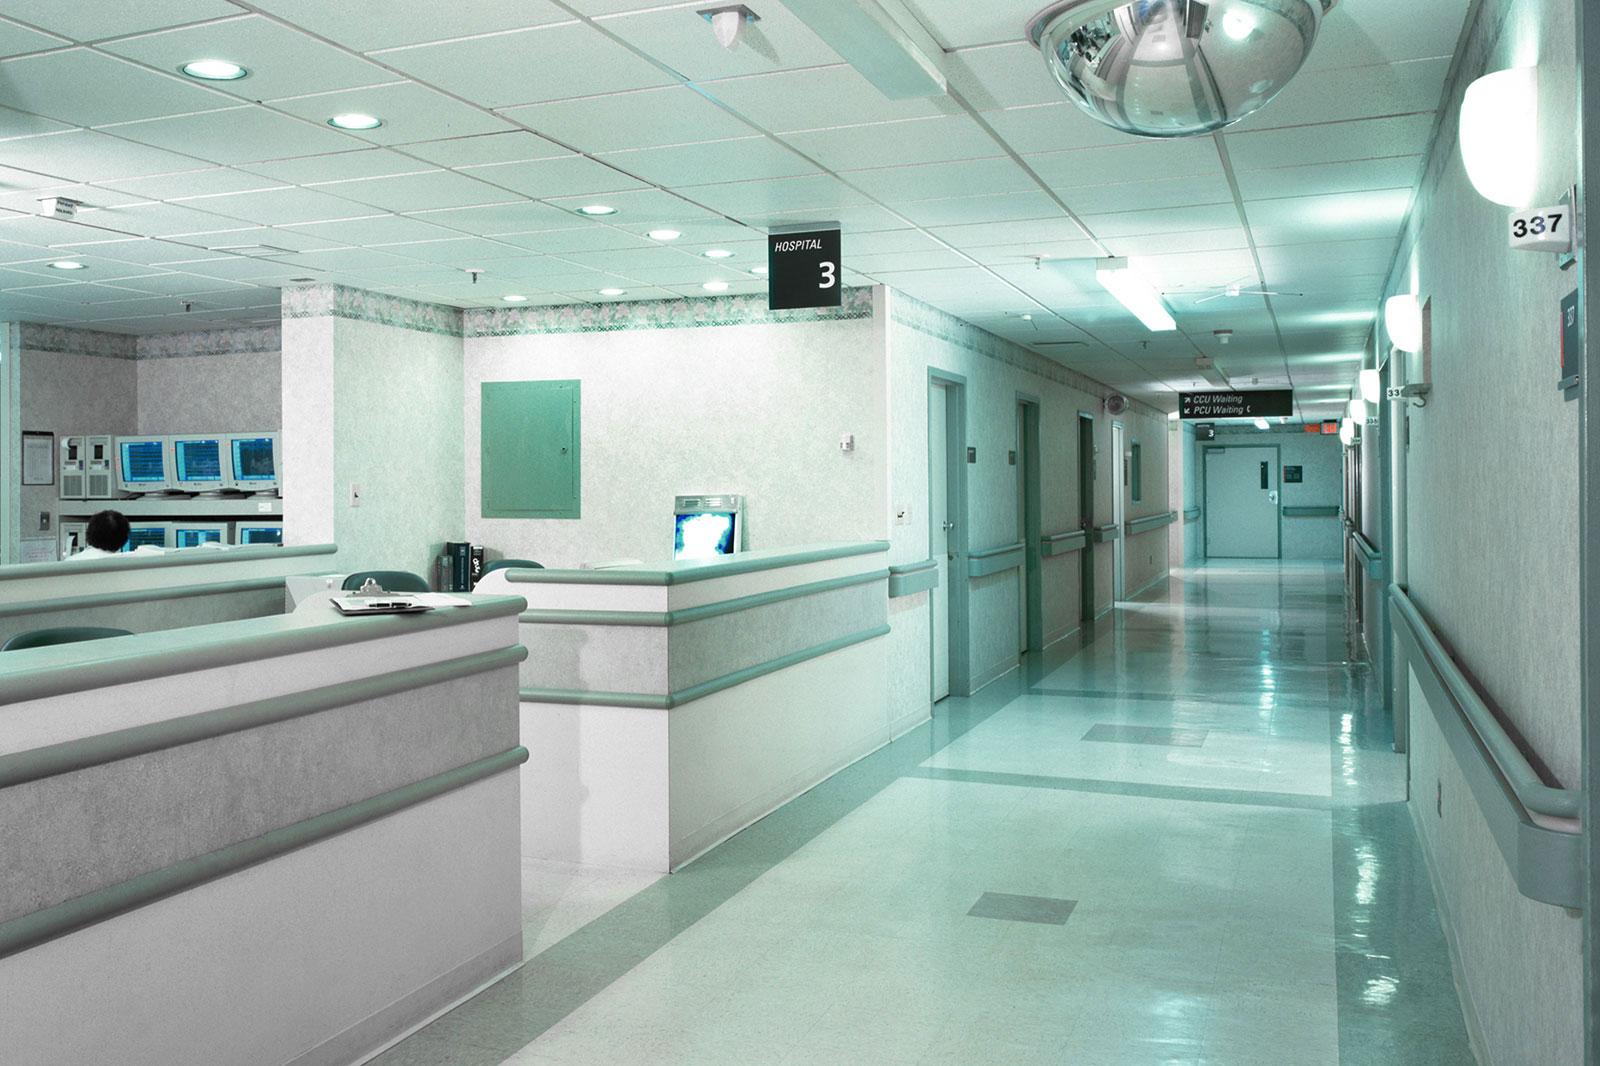 pasillo-del-hospital.jpg